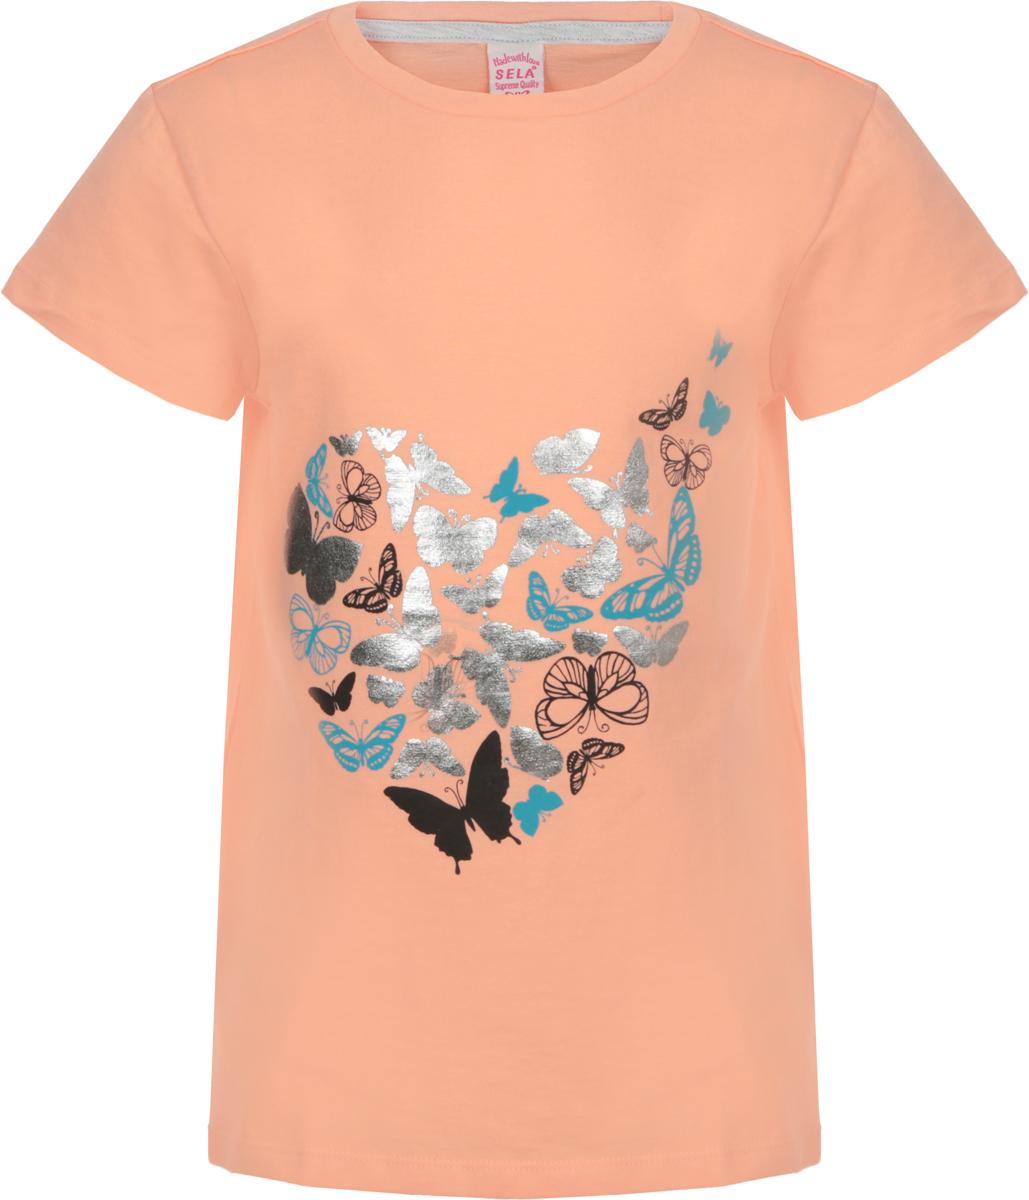 Футболка для девочки Sela, цвет: персиковый нектар. Ts-611/1206-8263. Размер 128, 8 летTs-611/1206-8263Футболка для девочки Sela выполнена из натурального хлопка. Модель с круглым вырезом горловины и короткими рукавами оформлена оригинальным принтом.